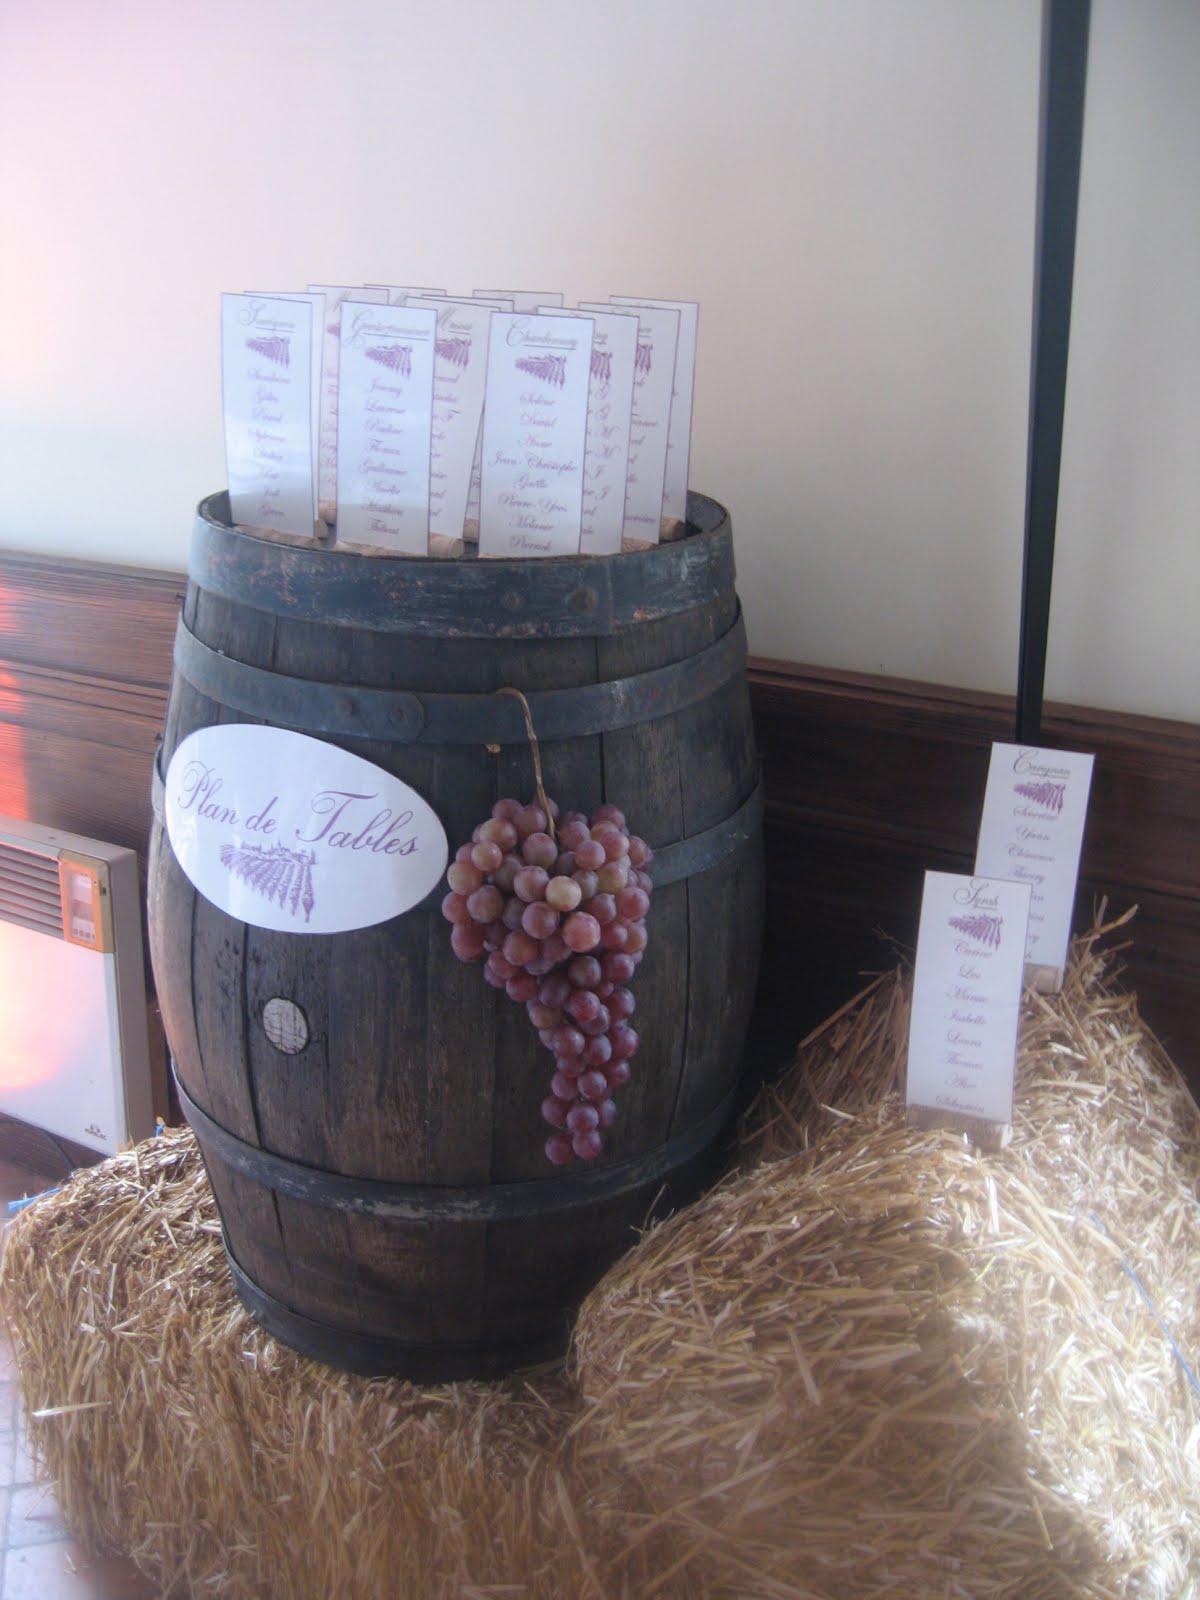 Decoration Table Urne Mariage : Le secret des receptions cuvée privilège un thème sur vin